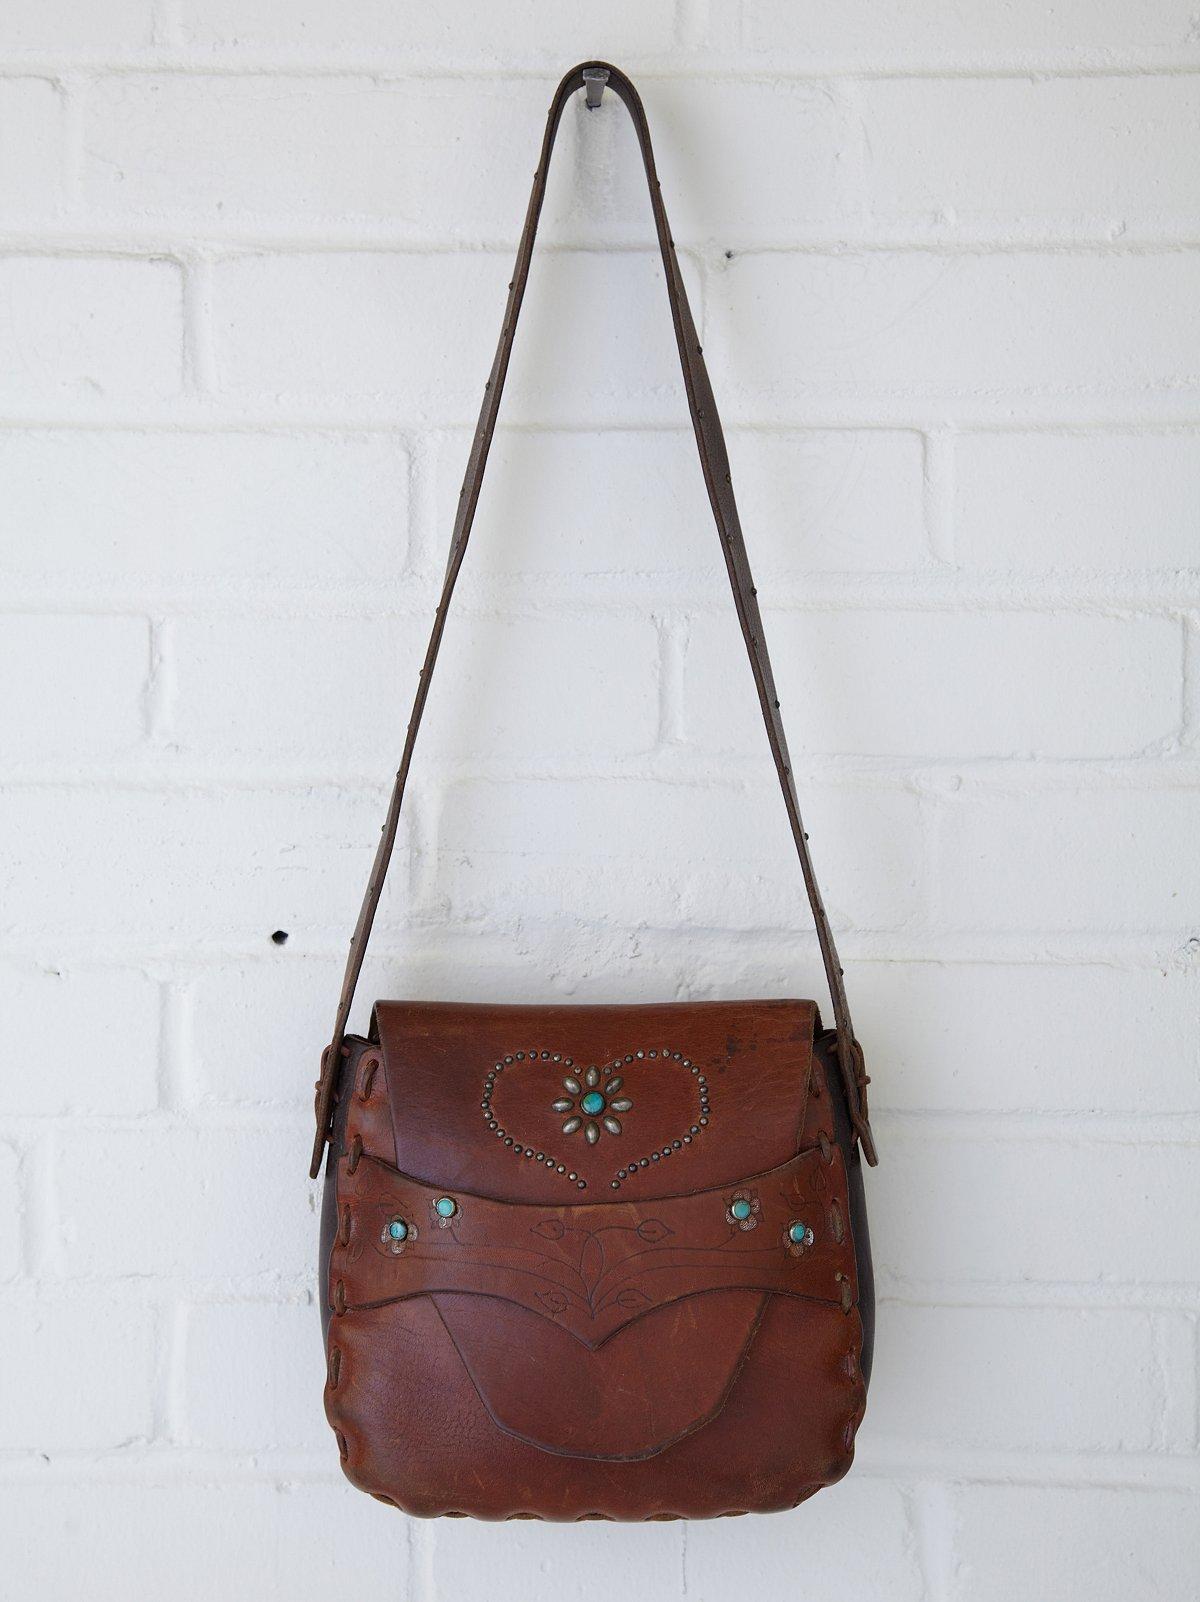 Vintage Heart Floral Stud Saddle Bag